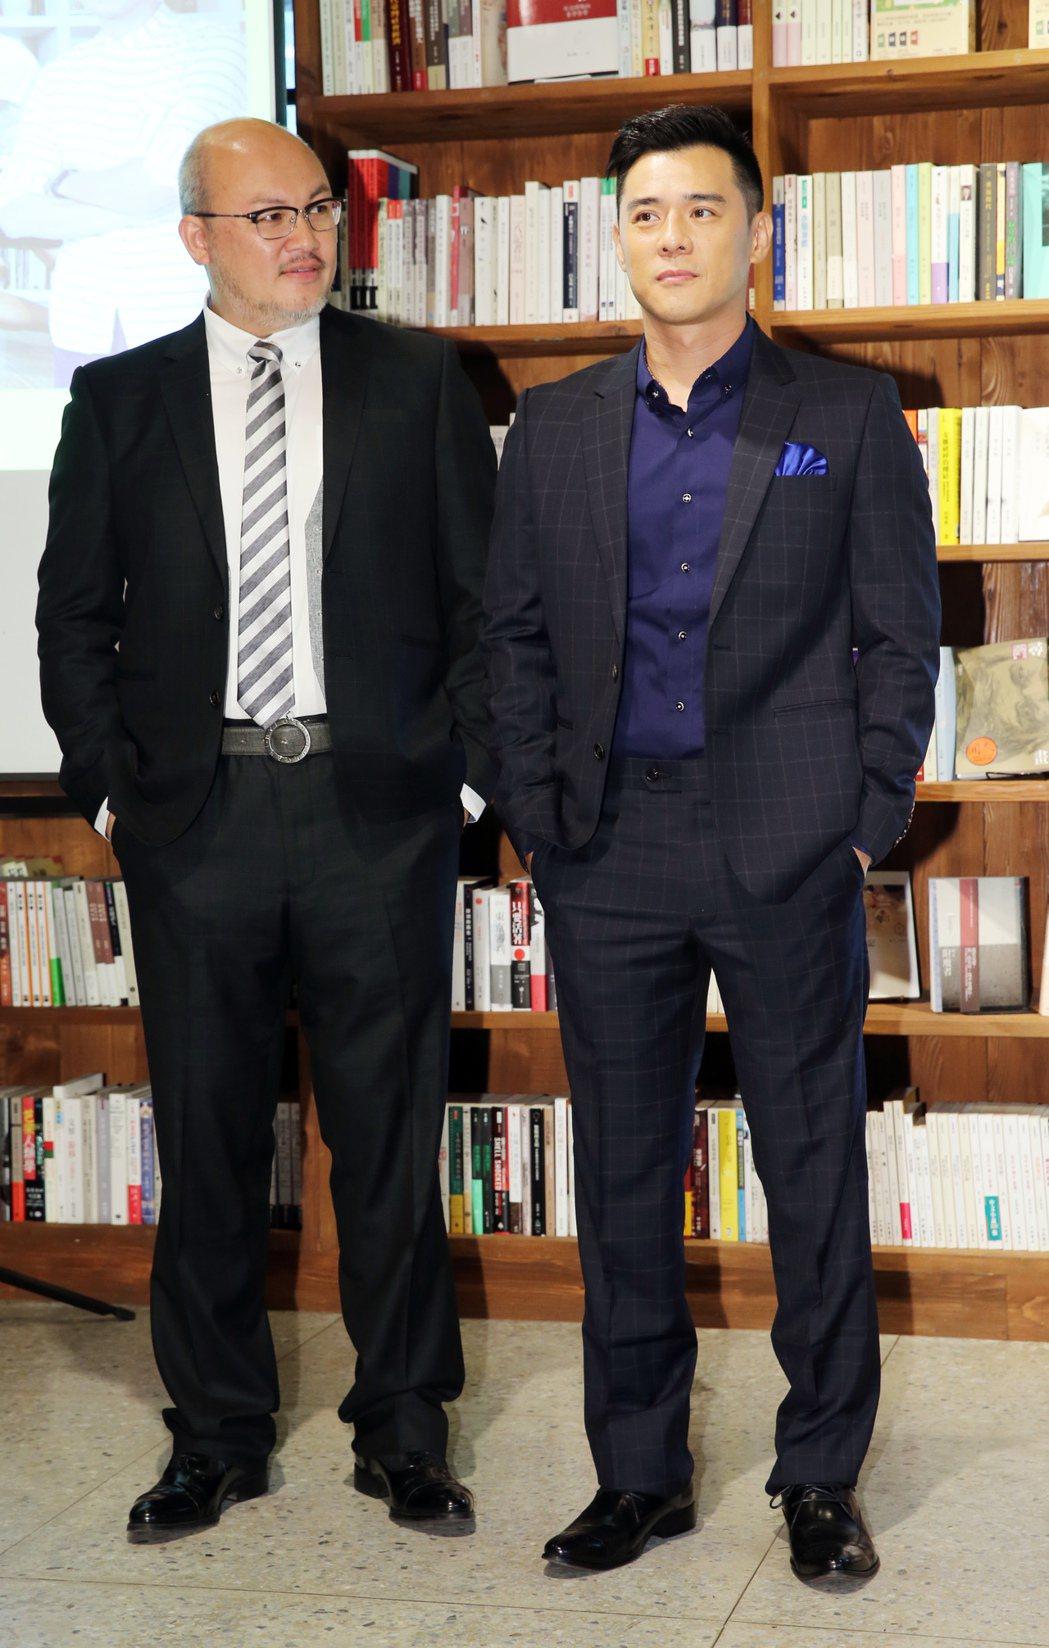 劉亮佐(左)及竇智孔(右)出席《莊子兵法》演出及加演開賣記者會。記者徐兆玄/攝影